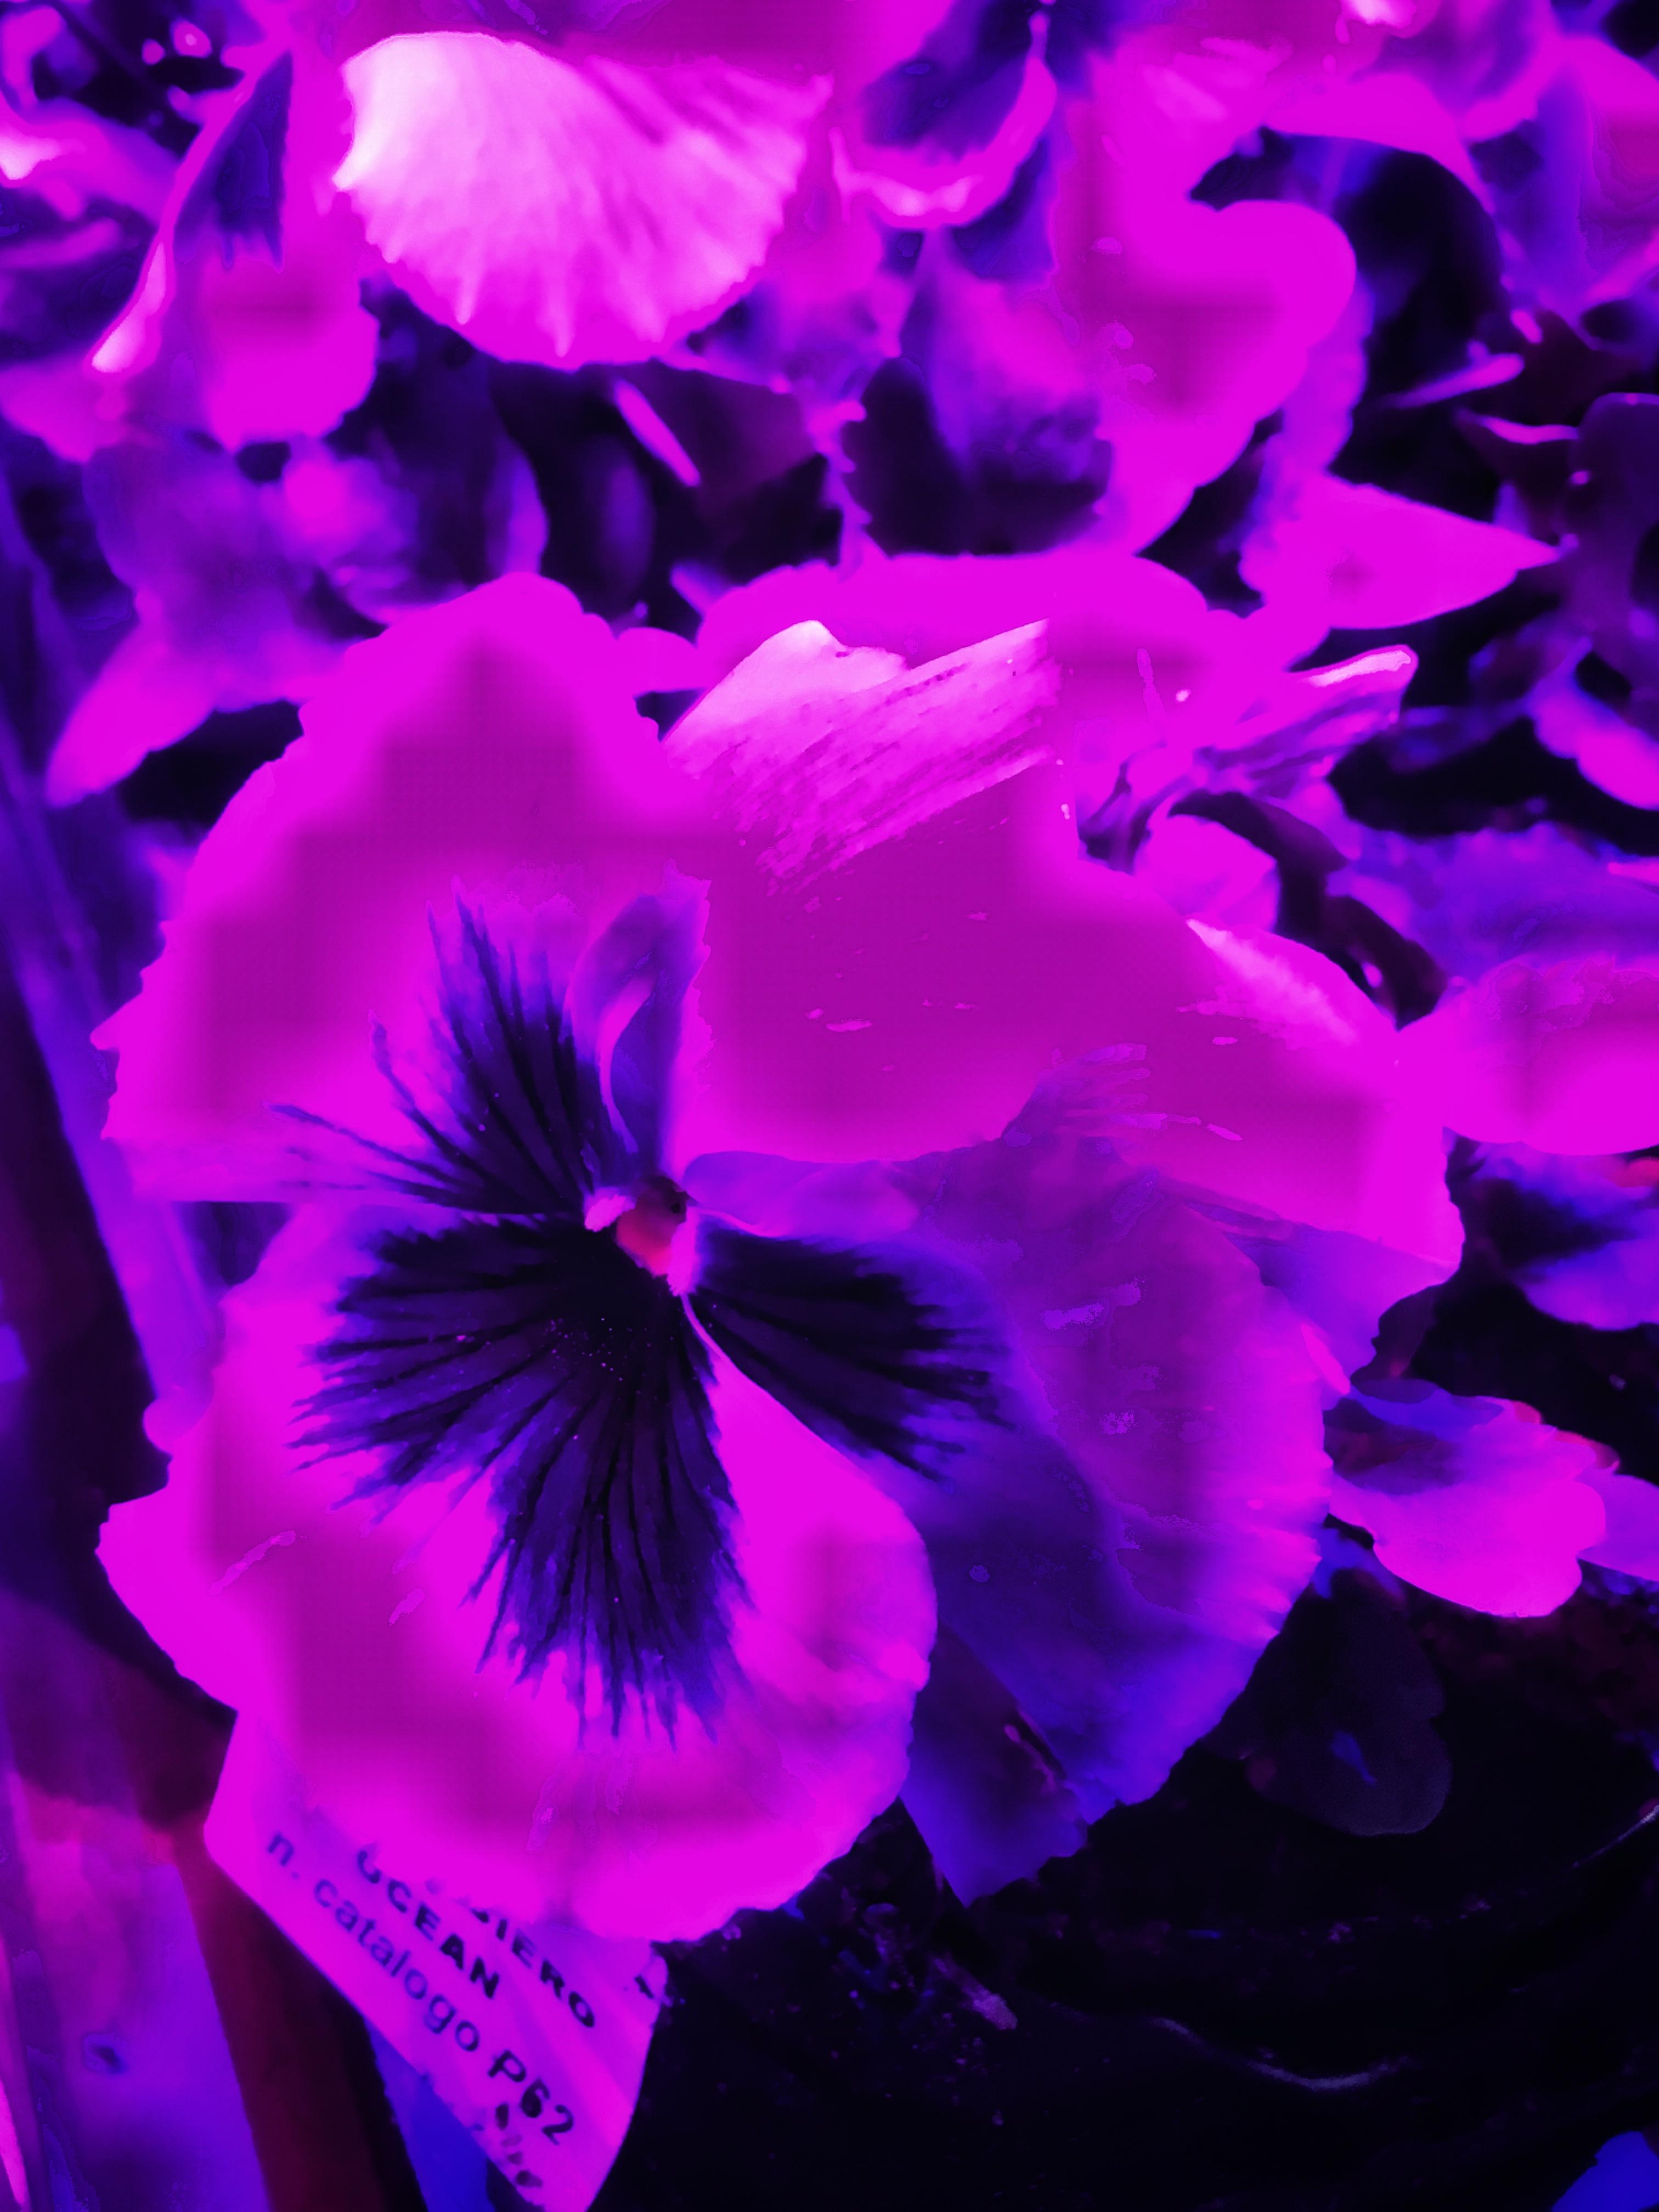 quella viola è la luce per piante da interni più efficace | ©foto Sandra LOnginotti